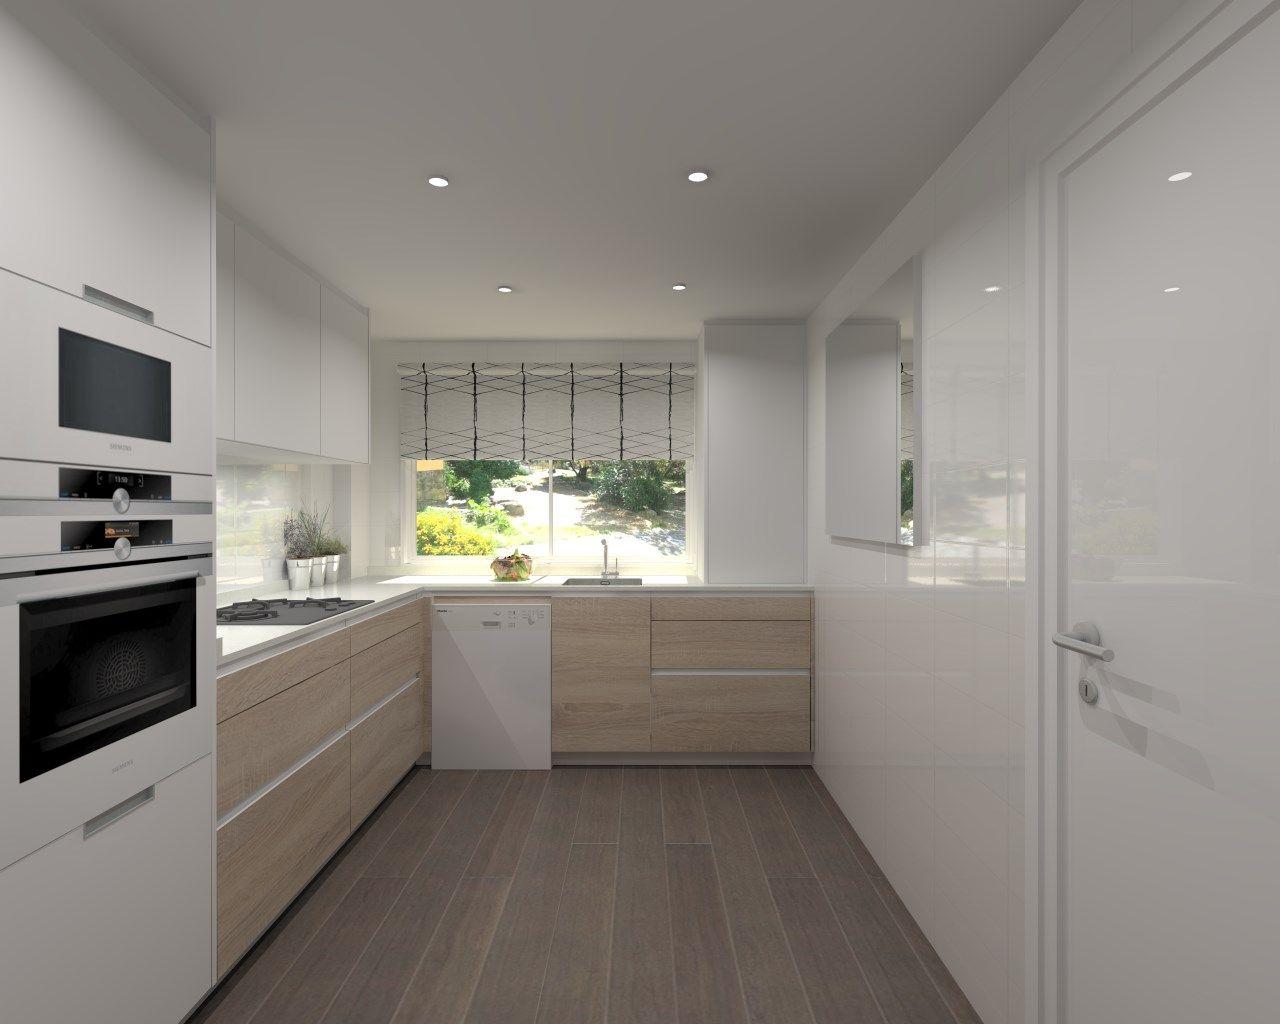 Proyectos de cocinas docrys cocinas cocinas - Docrys cocinas ...